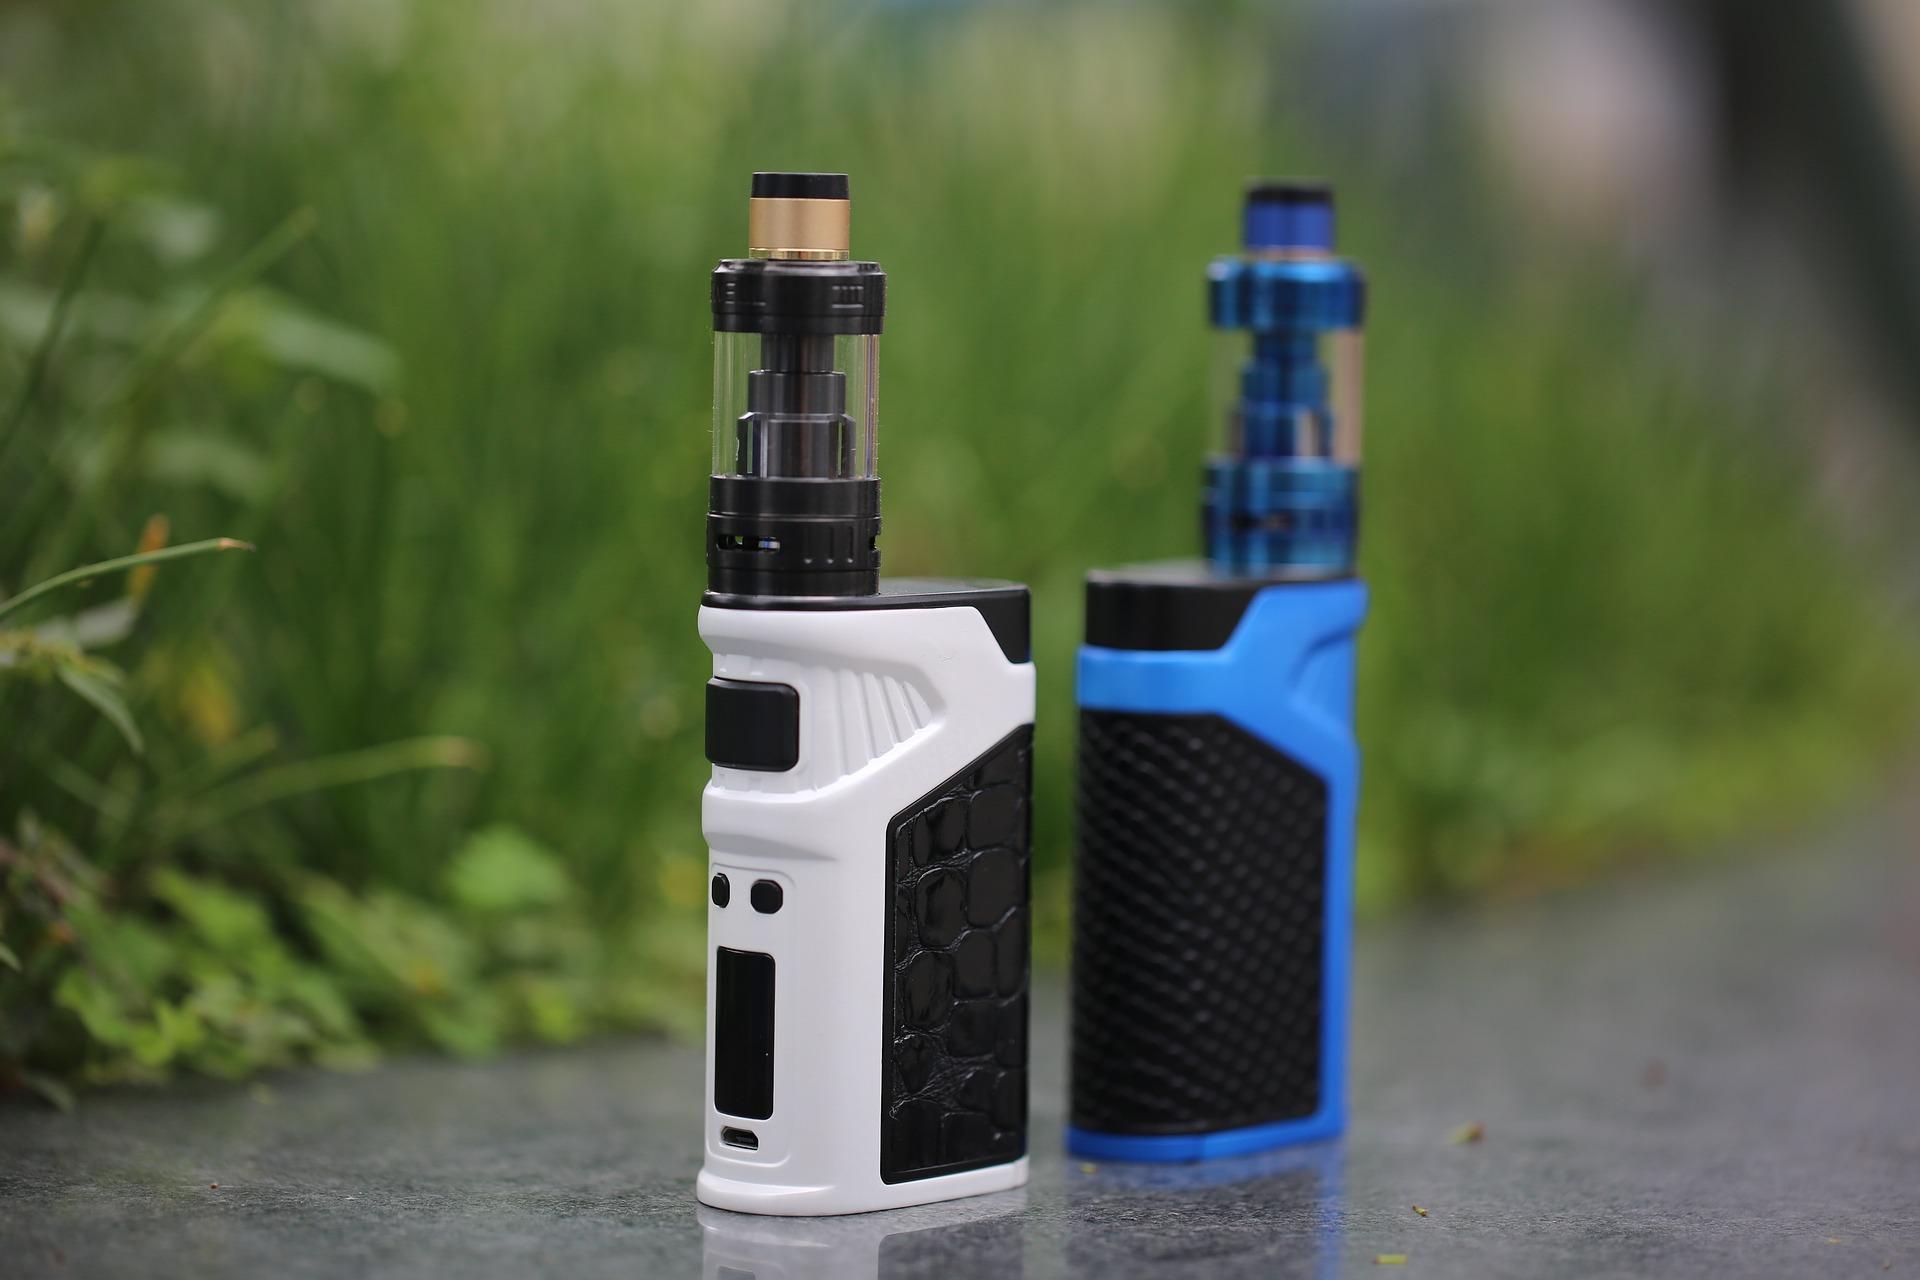 Welches Verbrauchsmaterial benötigt ein E-Zigaretten-Dampfer immer wieder?